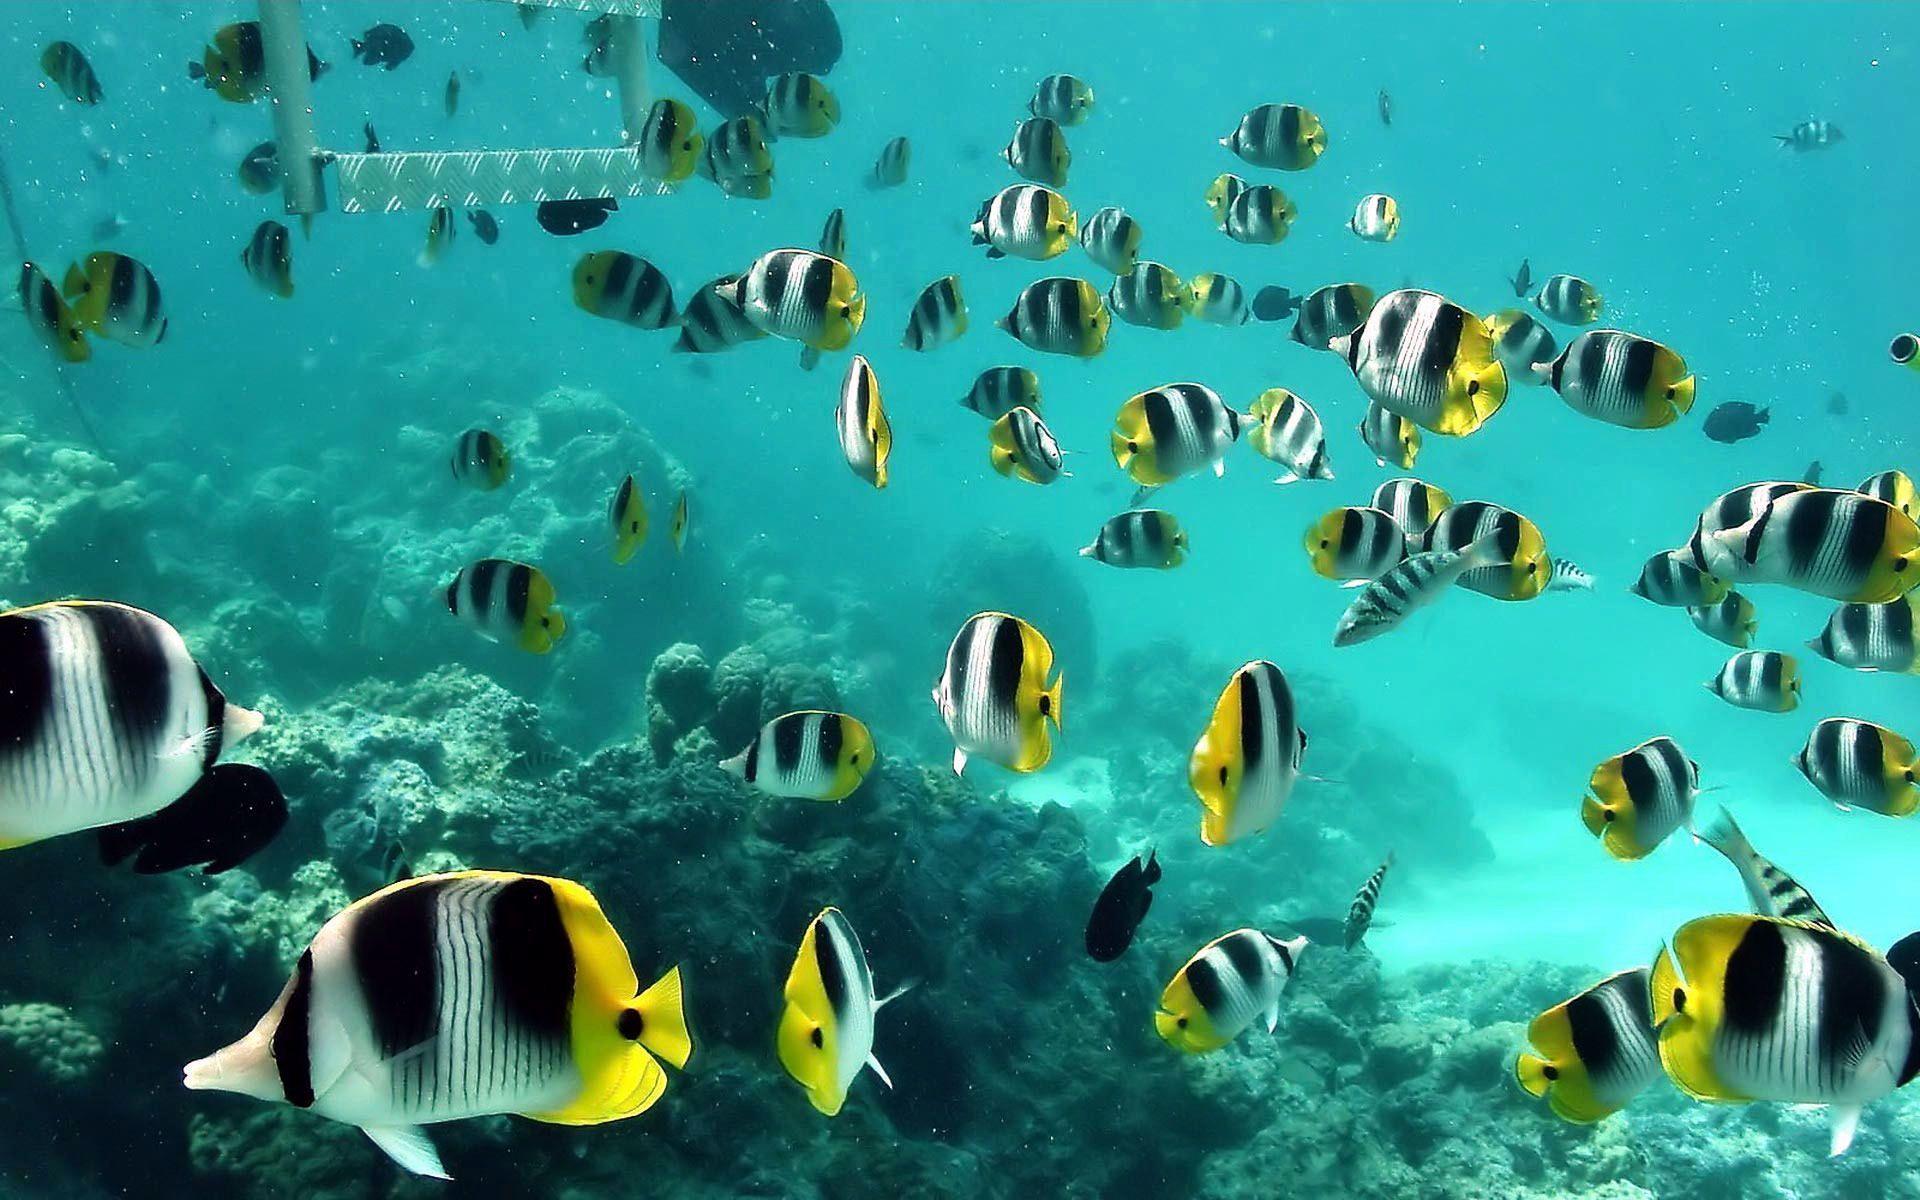 ecdc87dc28 Fond d'écran, poissons tropicaux